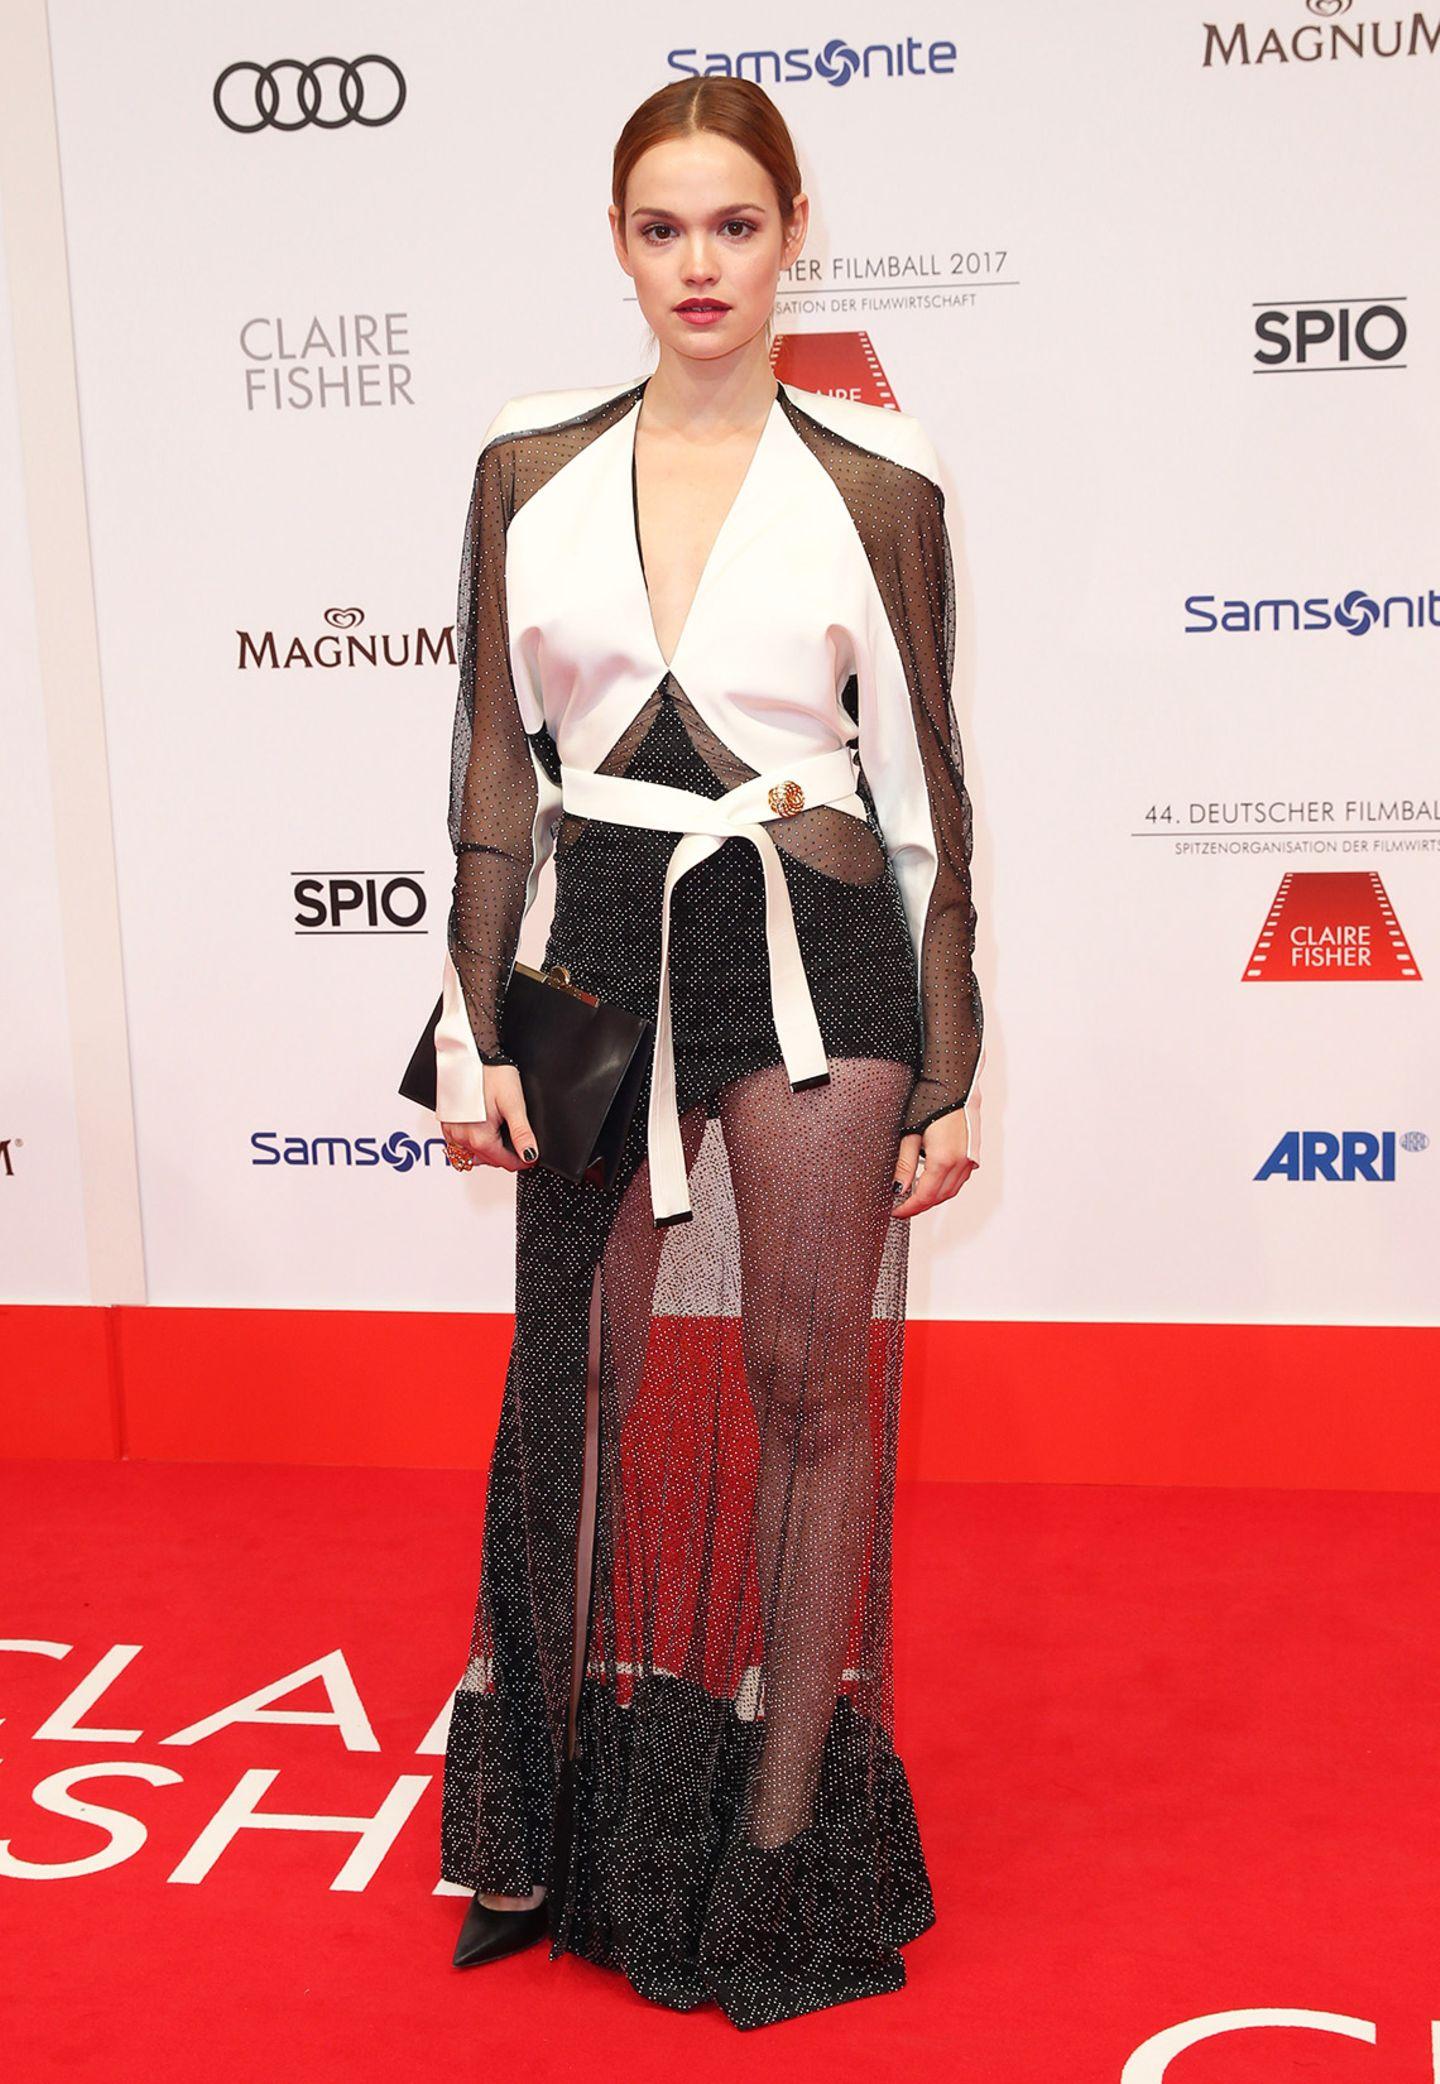 Gewagt, aber nicht unbedingt gewonnen: Emilia Schüles sexy Styling verfehlt die Wirkung etwas.